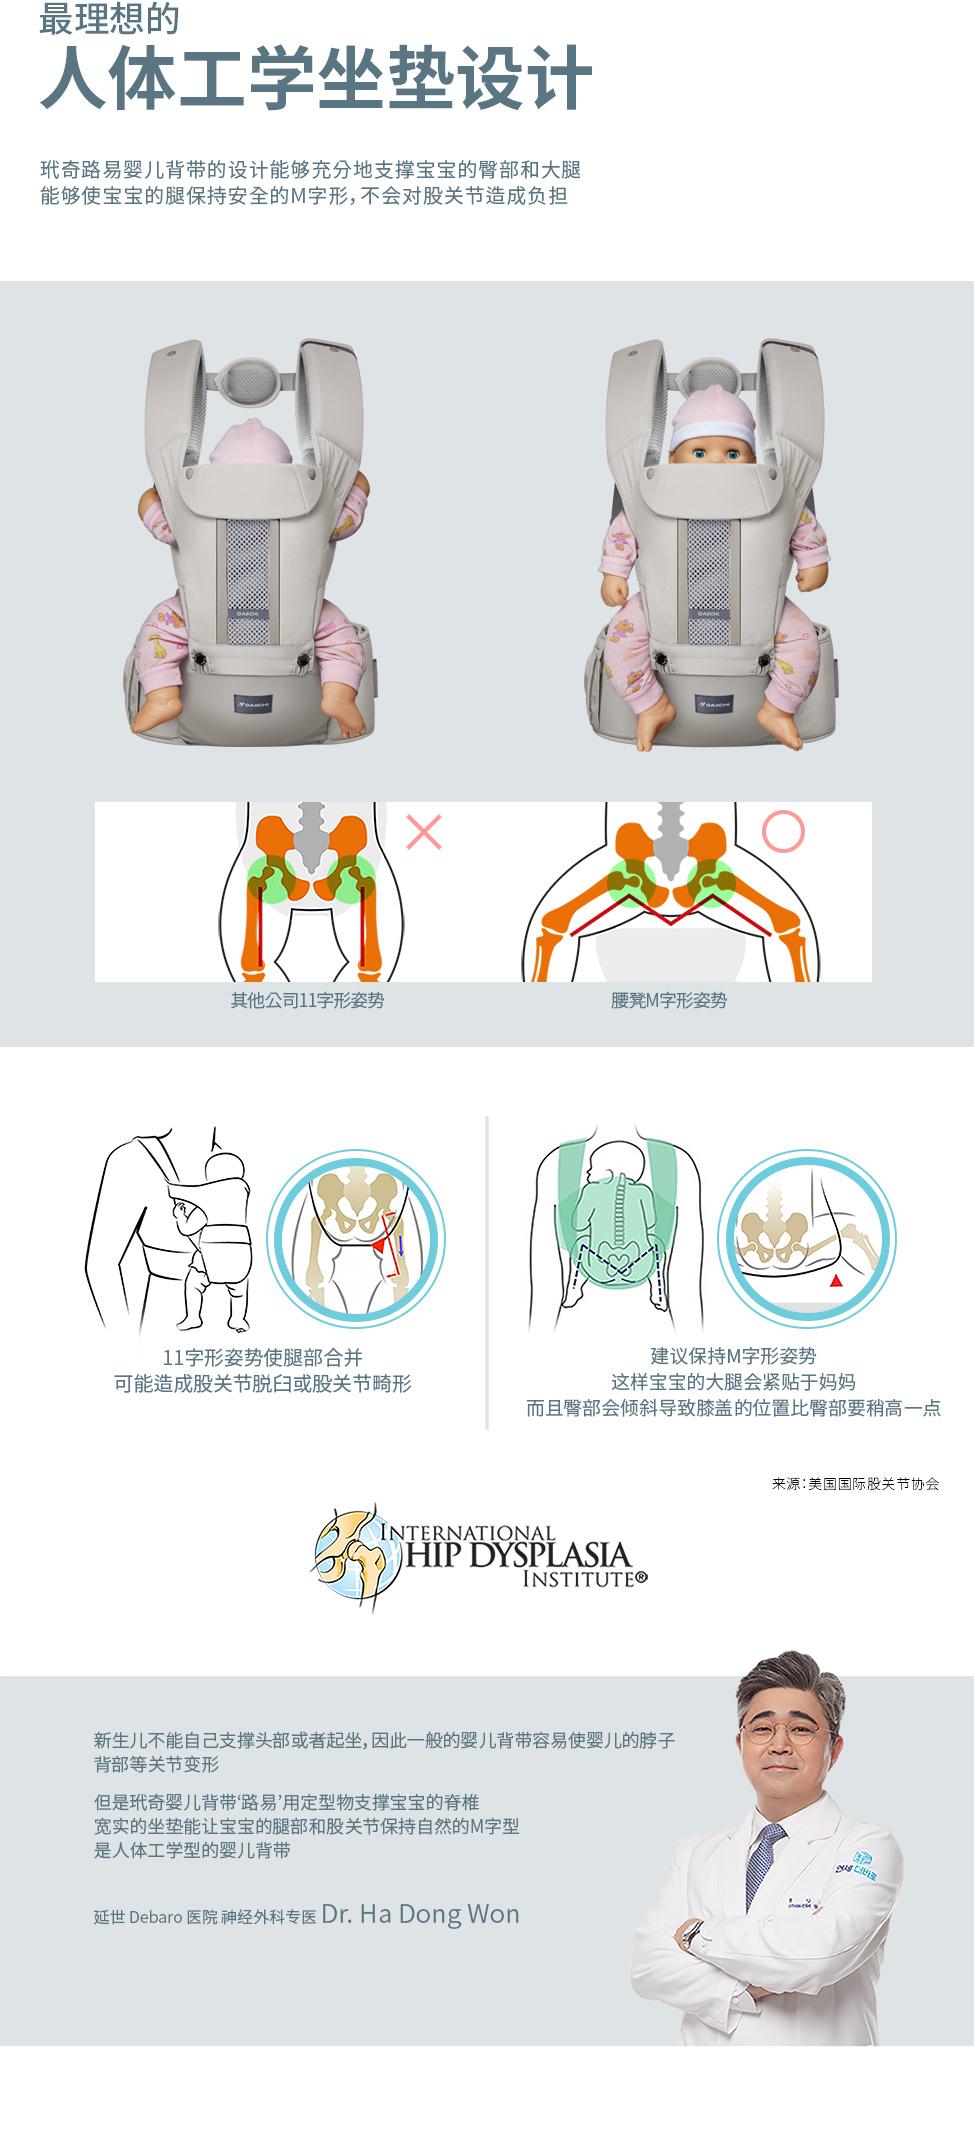 玳奇路易婴儿背带的设计充分地支撑宝宝的臀部和大腿. 能够使宝宝的腿保持安全的M字形,不会对股关节造成负担. 建议保持M字形姿势,这样宝宝的大腿会紧贴于妈妈,而且臀部会倾斜导致膝盖的位置比臀部要稍高一点.